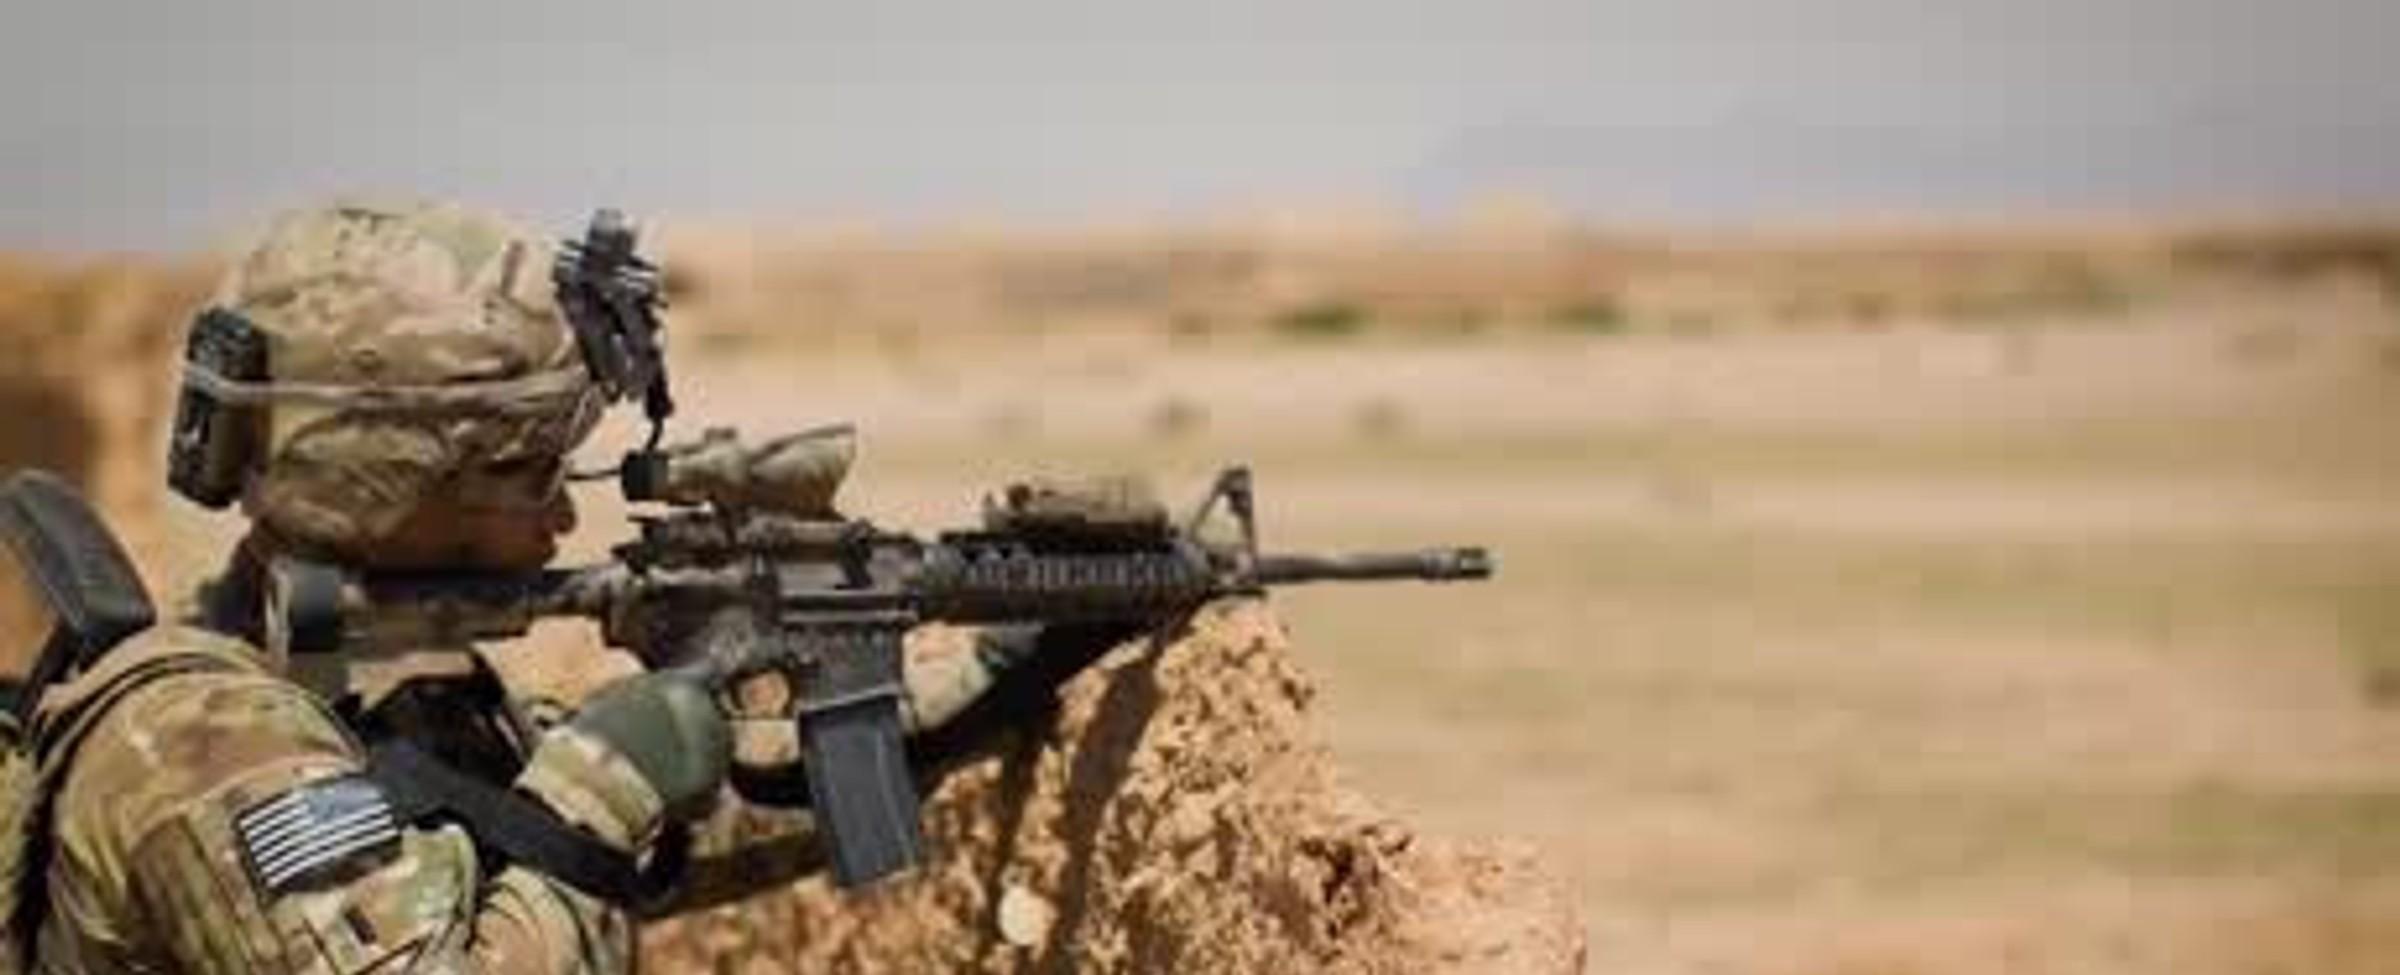 Válka a zbraně V.